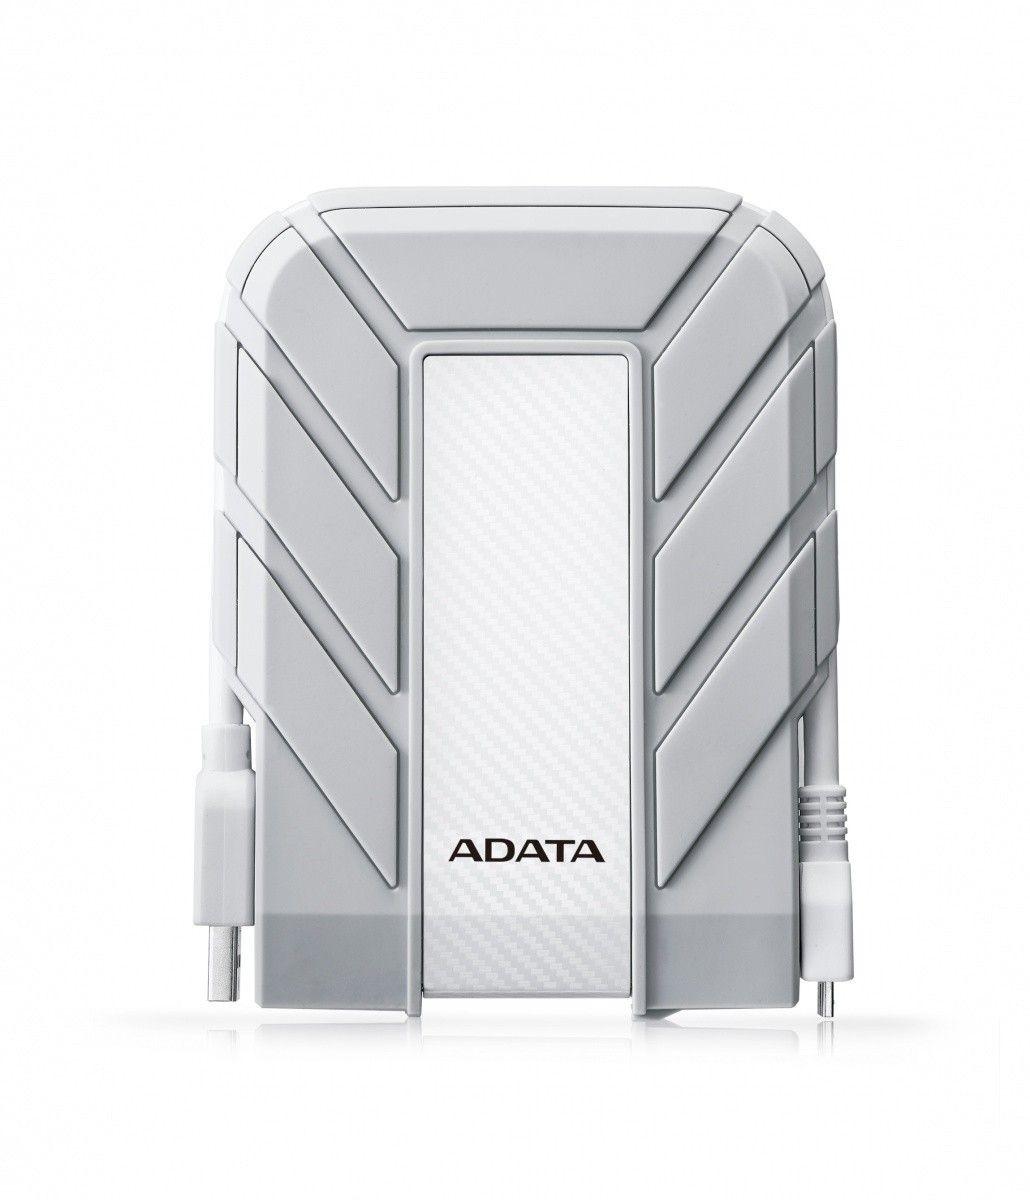 A-Data Dysk zewnętrzny HD710A 2.5'' 2TB USB 3.0 Biały < Exlusive for MAC >